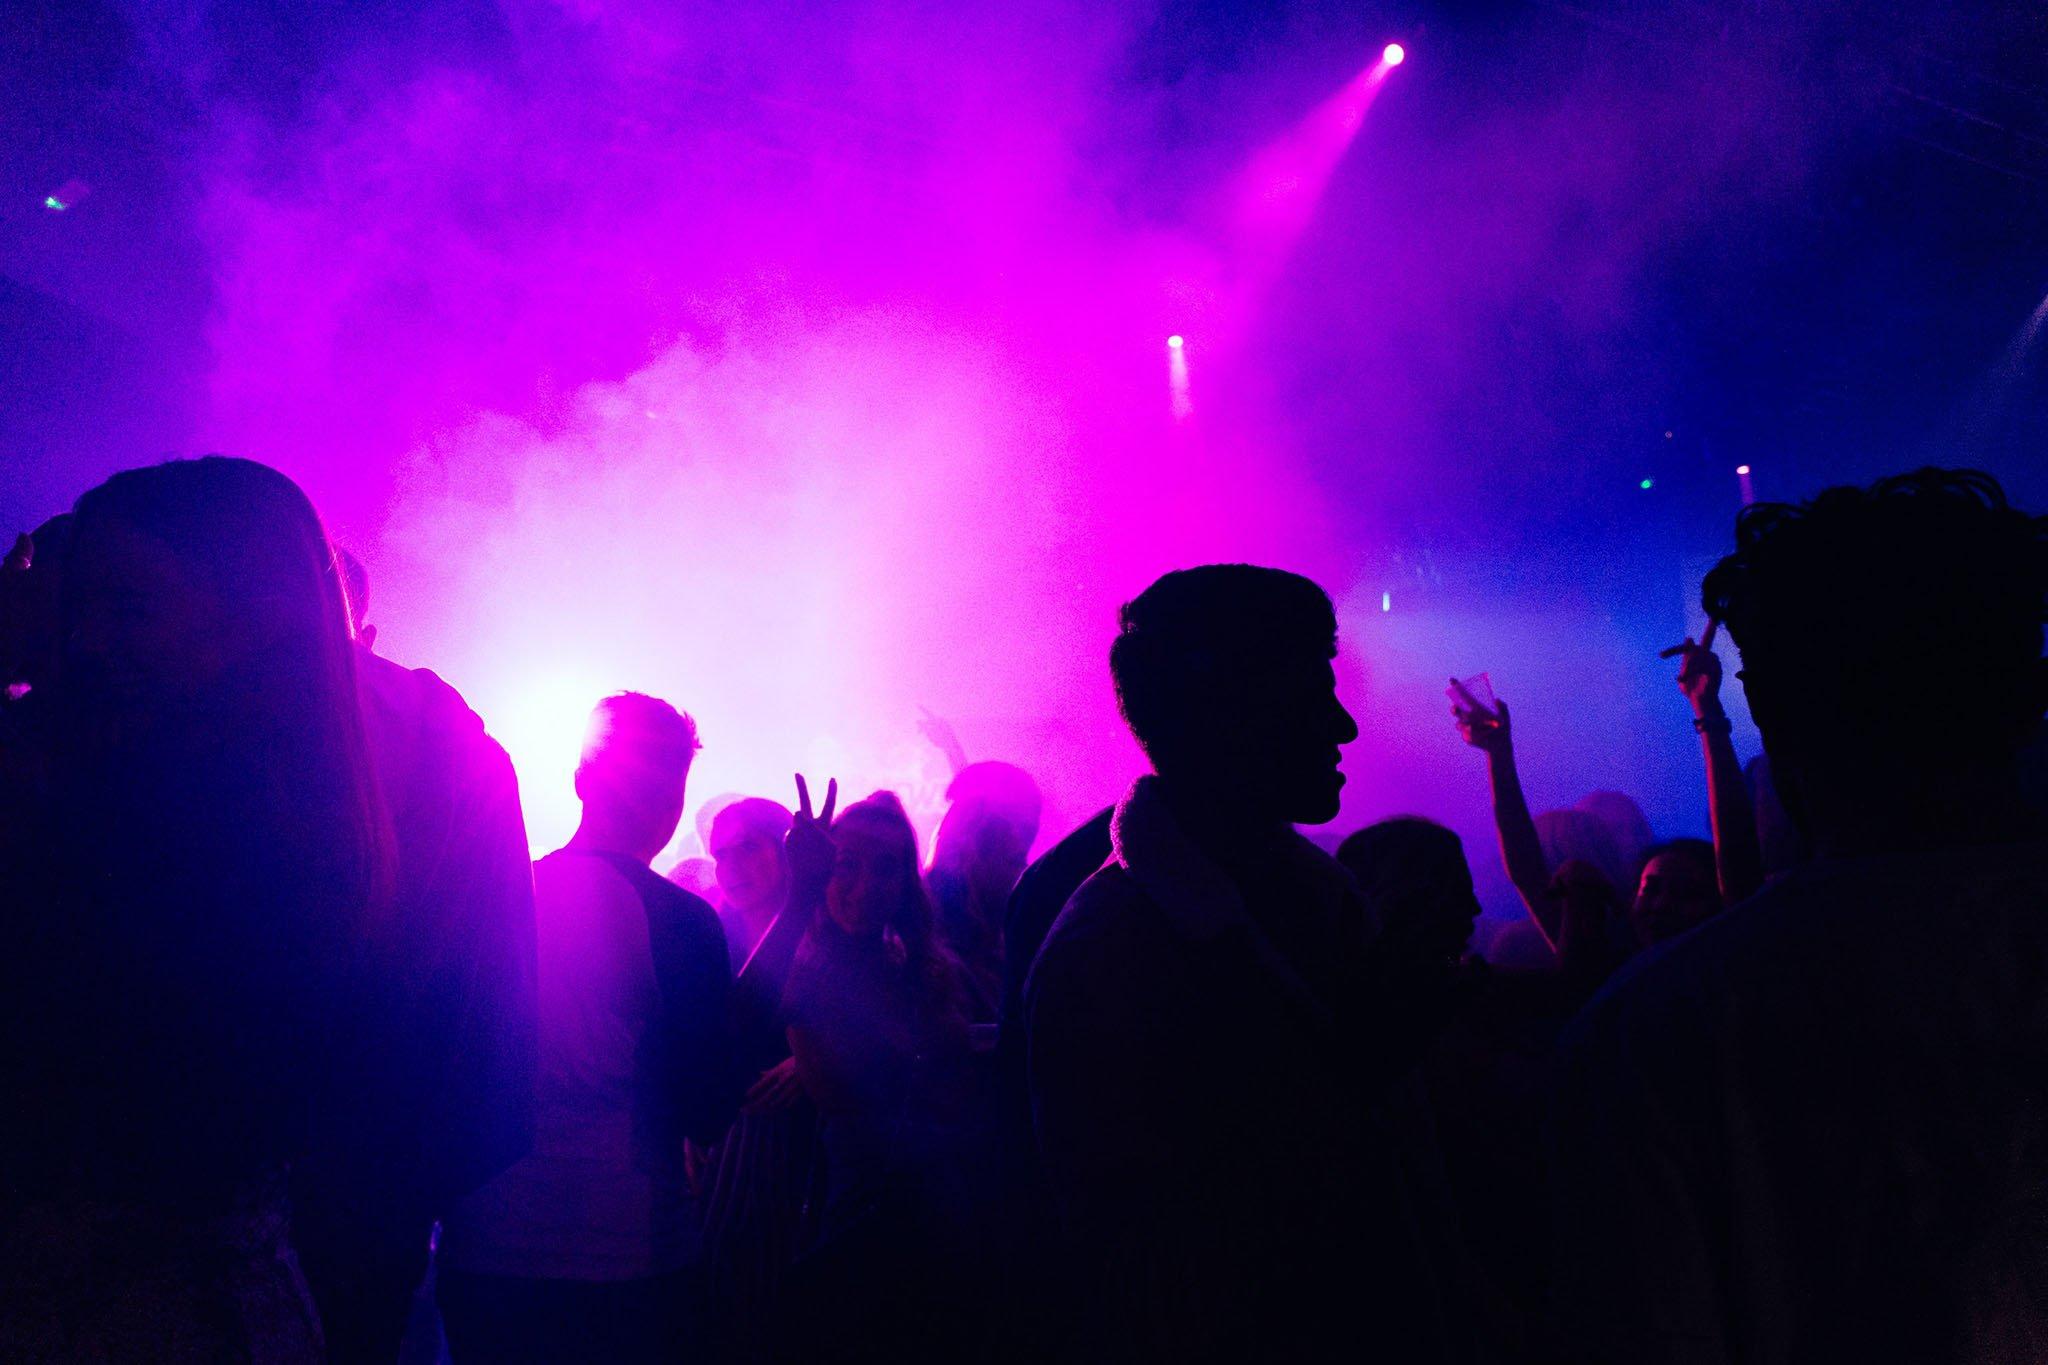 Gente joven en el interior de una discoteca bailando